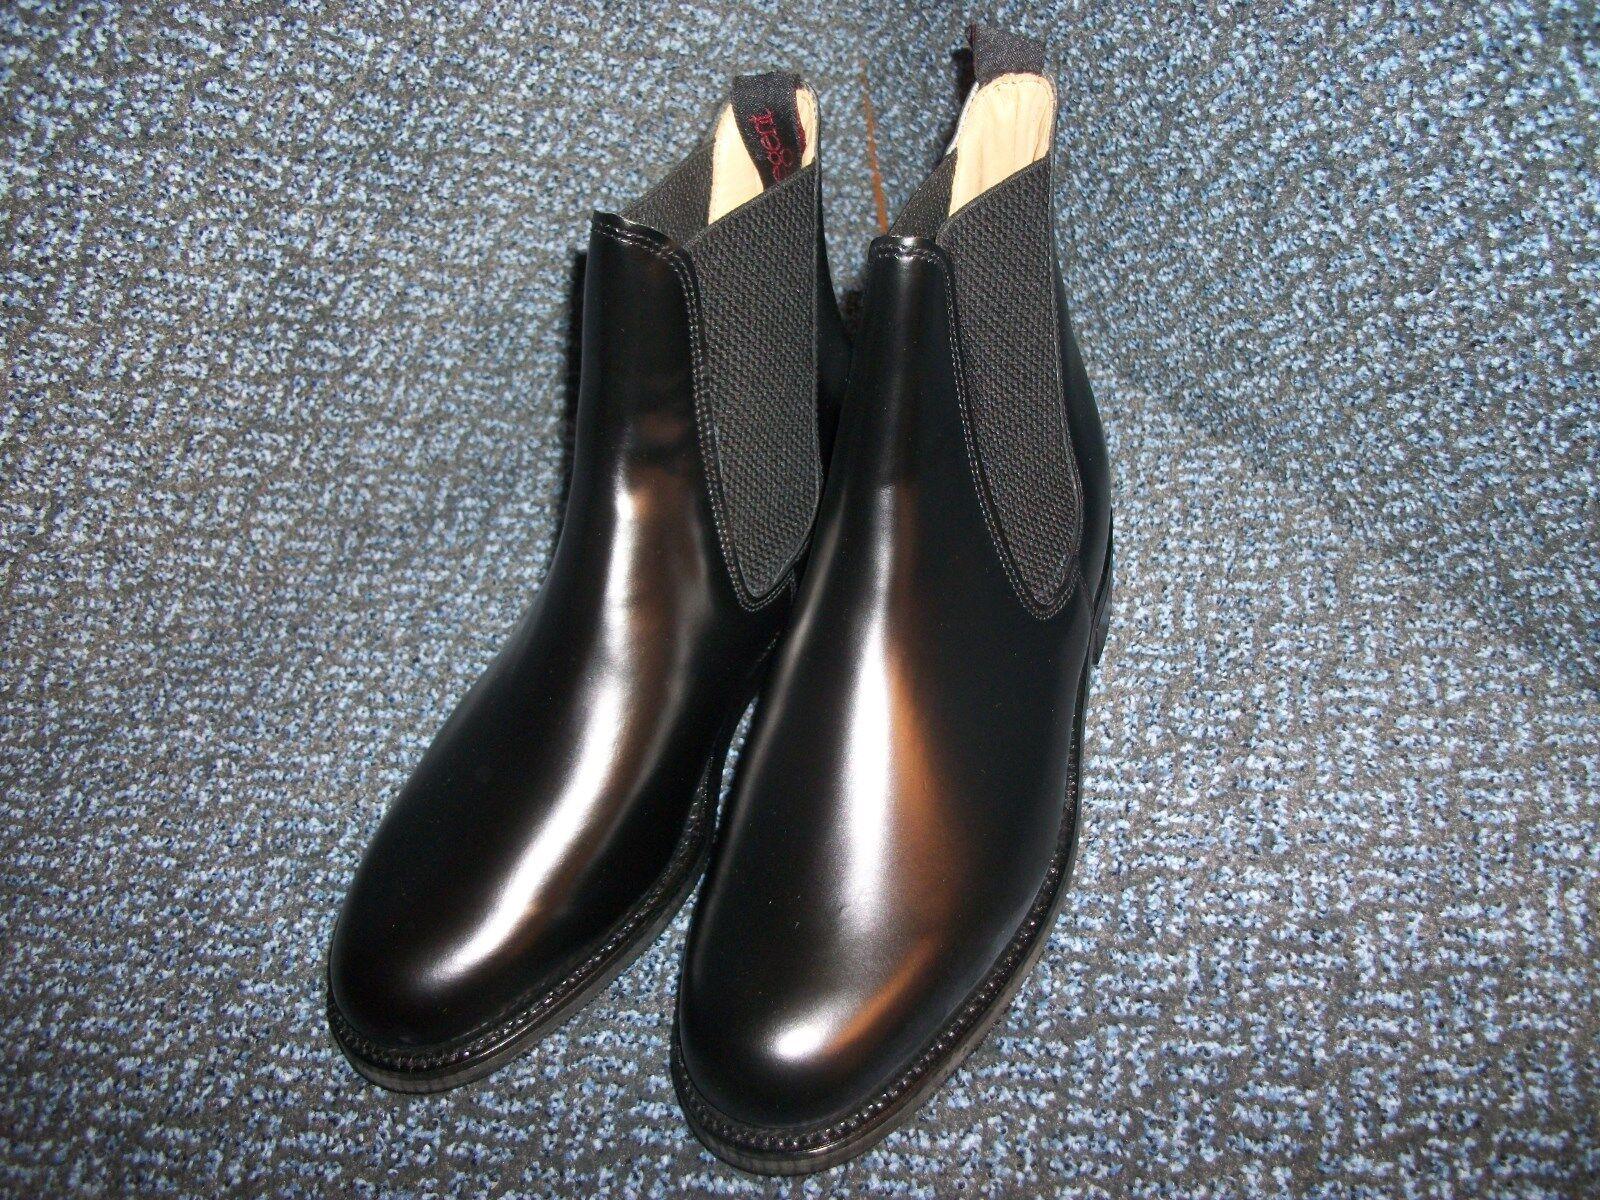 Zapatos especiales con descuento SIZE 3.5 UNISEX CHELSEA/JODPHUR BOOTS